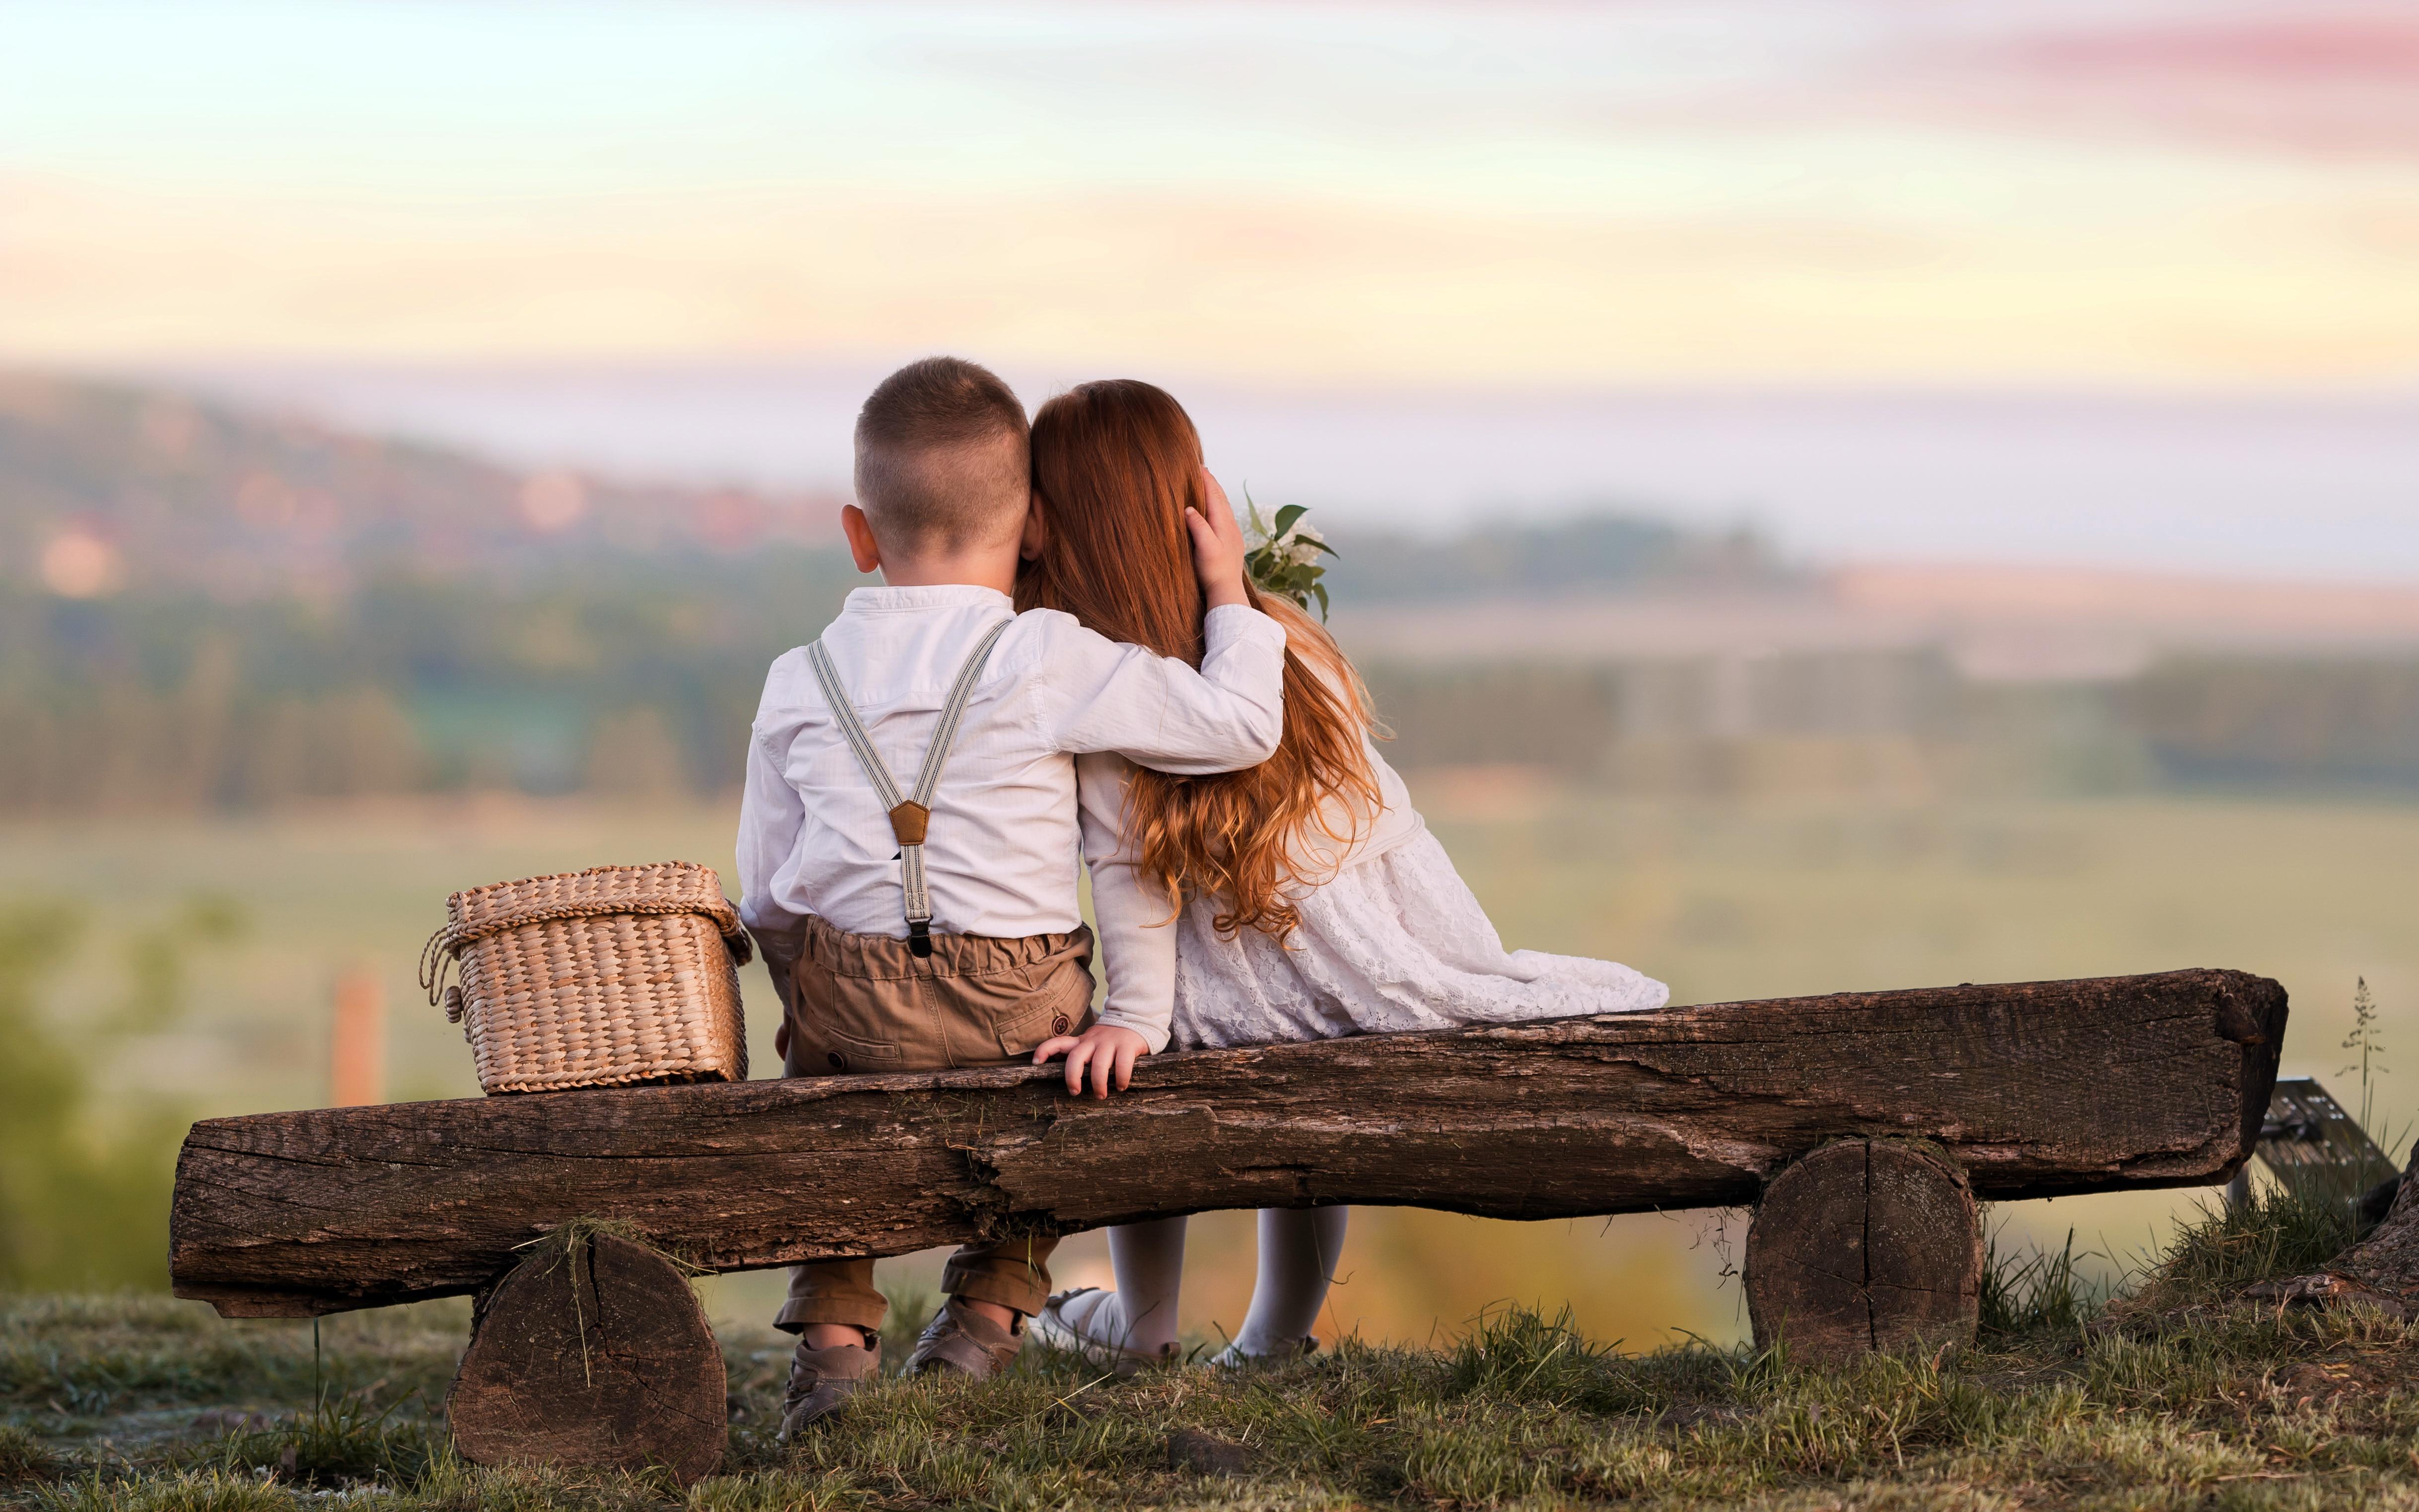 Фотография Девочки Мальчики Ребёнок Двое Любовь Объятие вид Скамья сидящие Дети 2 вдвоем Сидит Сзади Скамейка